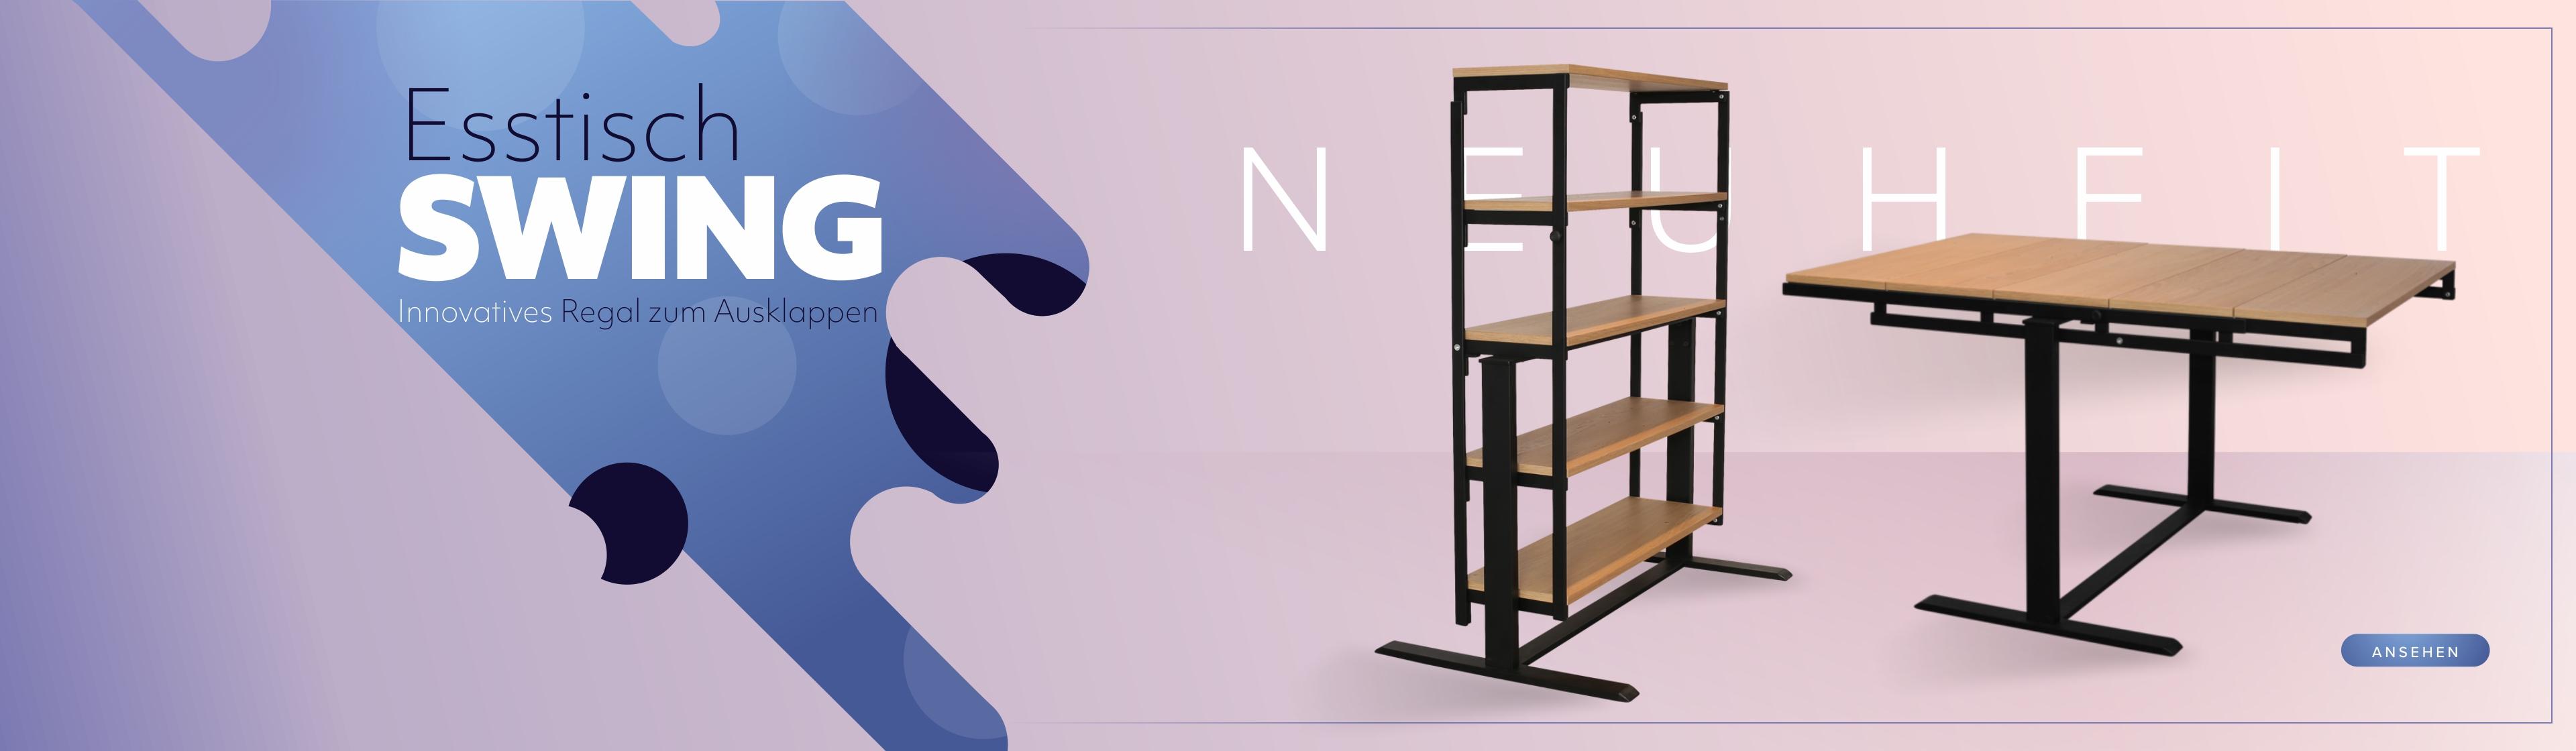 Esstisch und Regal in Einem. Beide Möbel vor einem violetten Hintergrund.